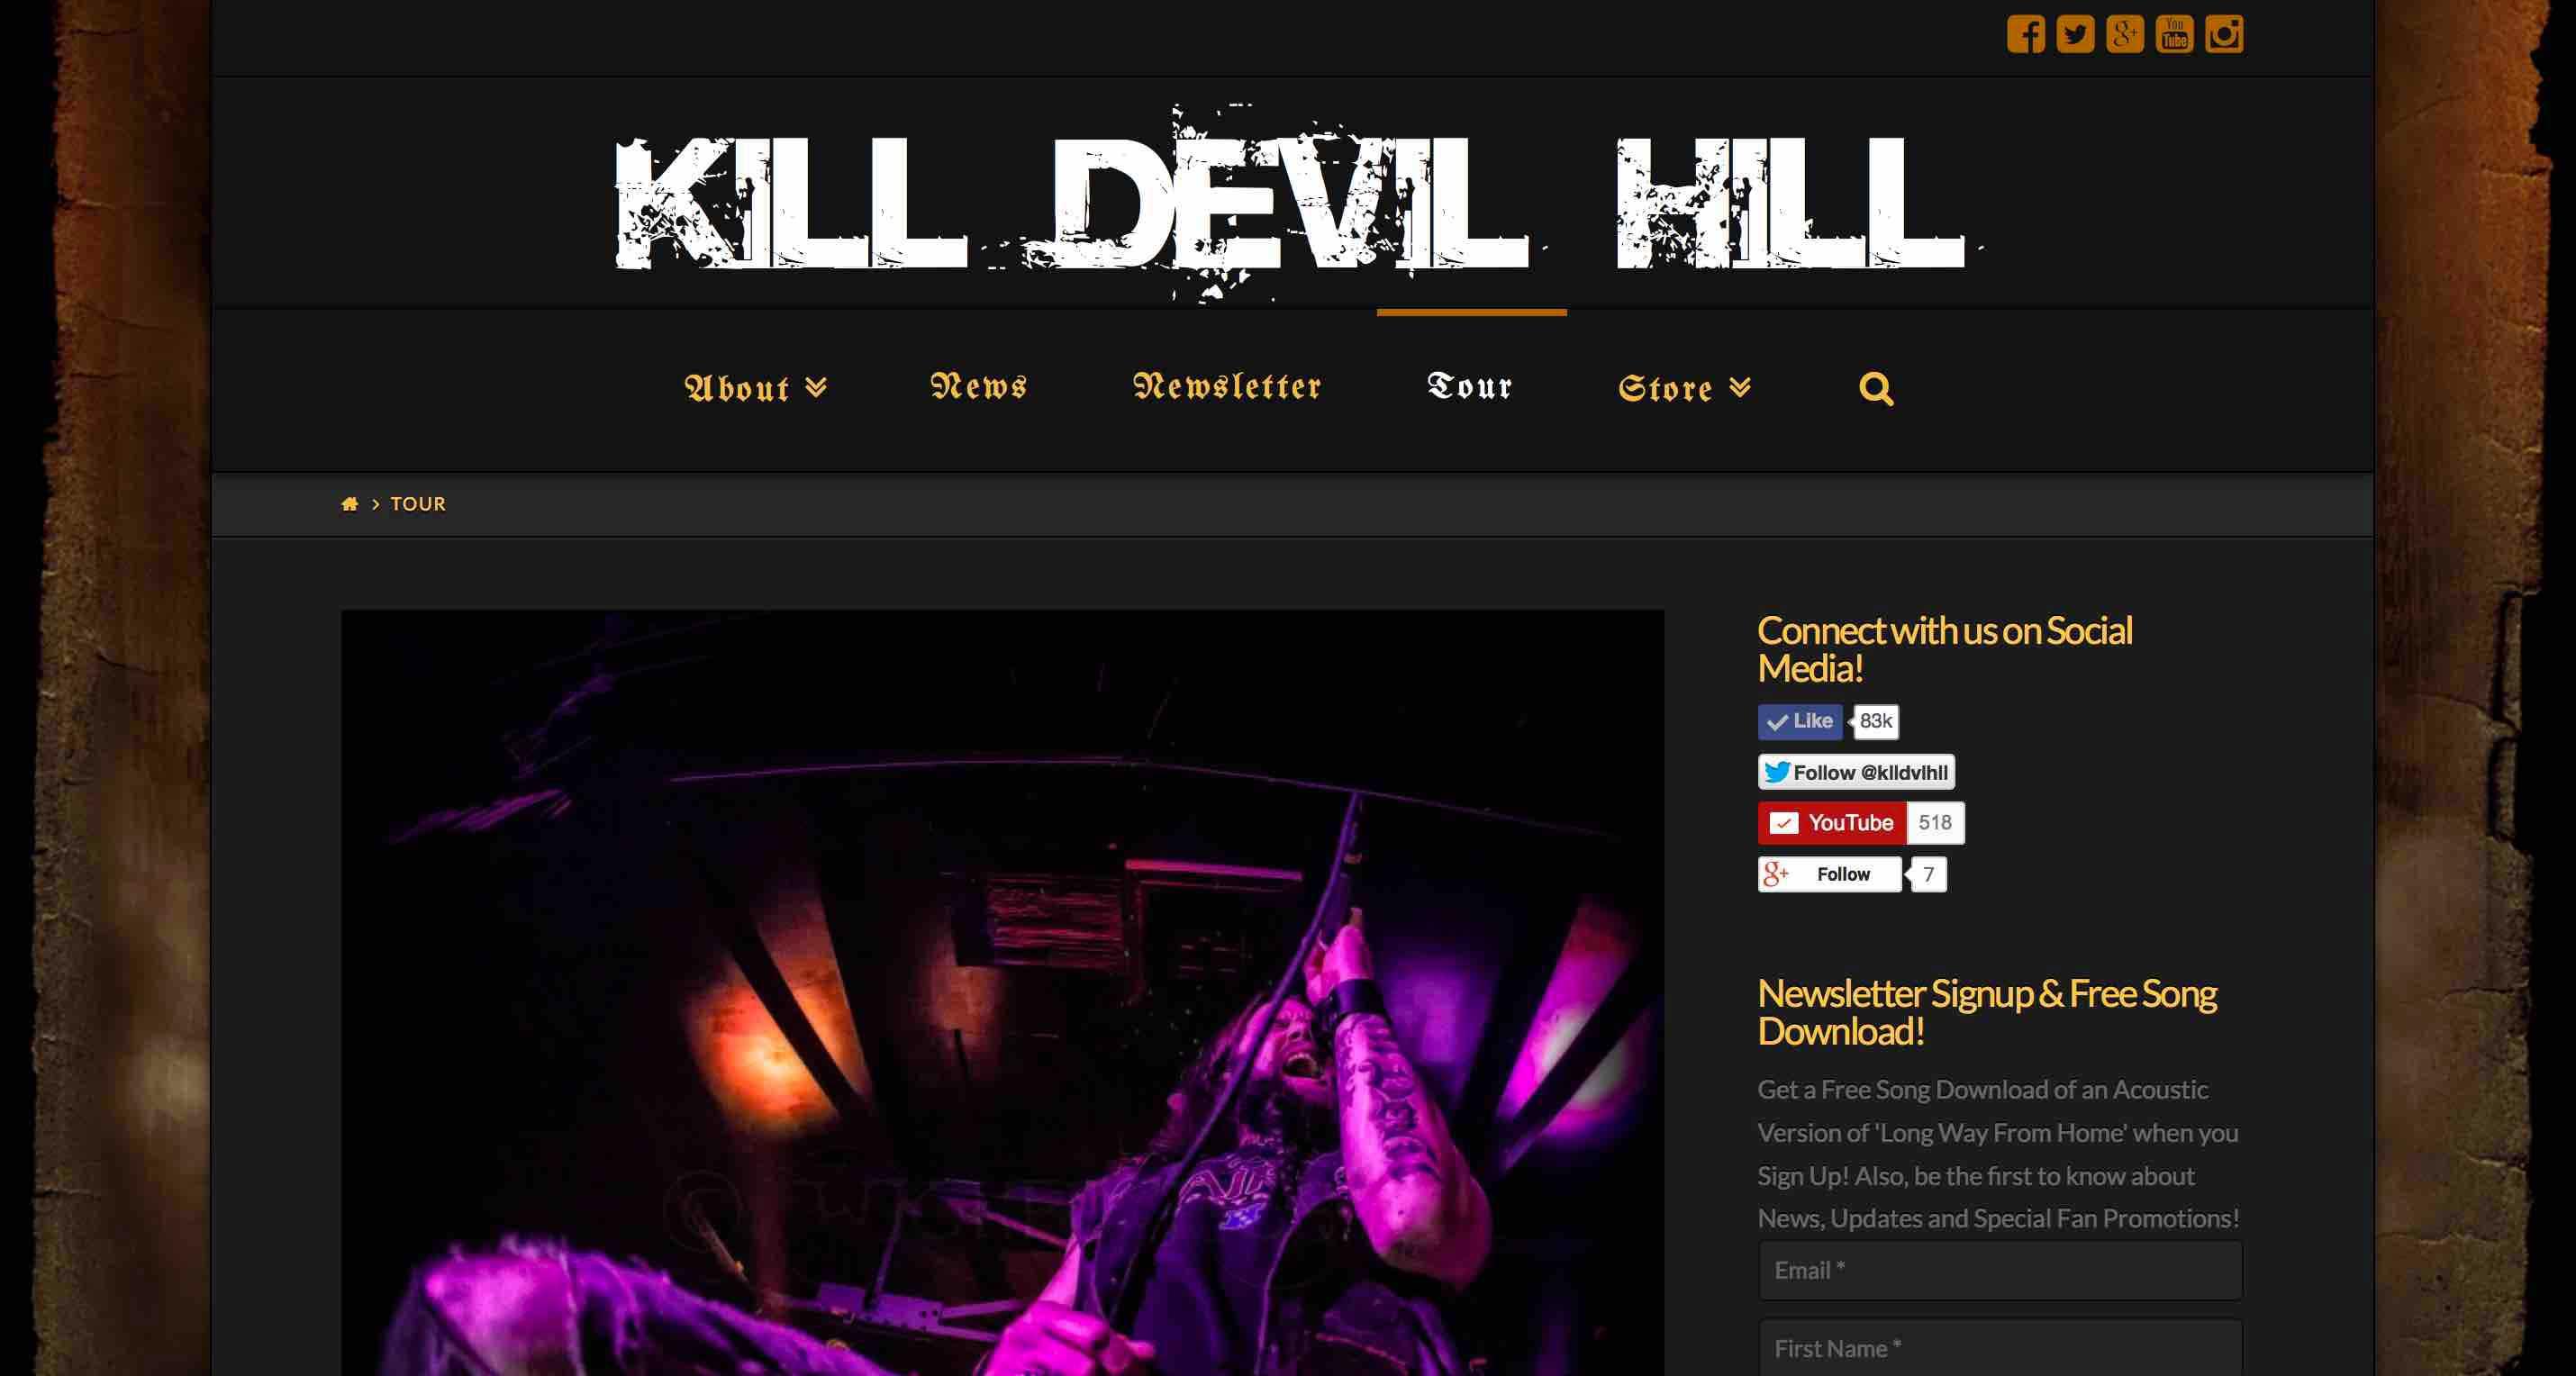 Kill Devil Hill Music